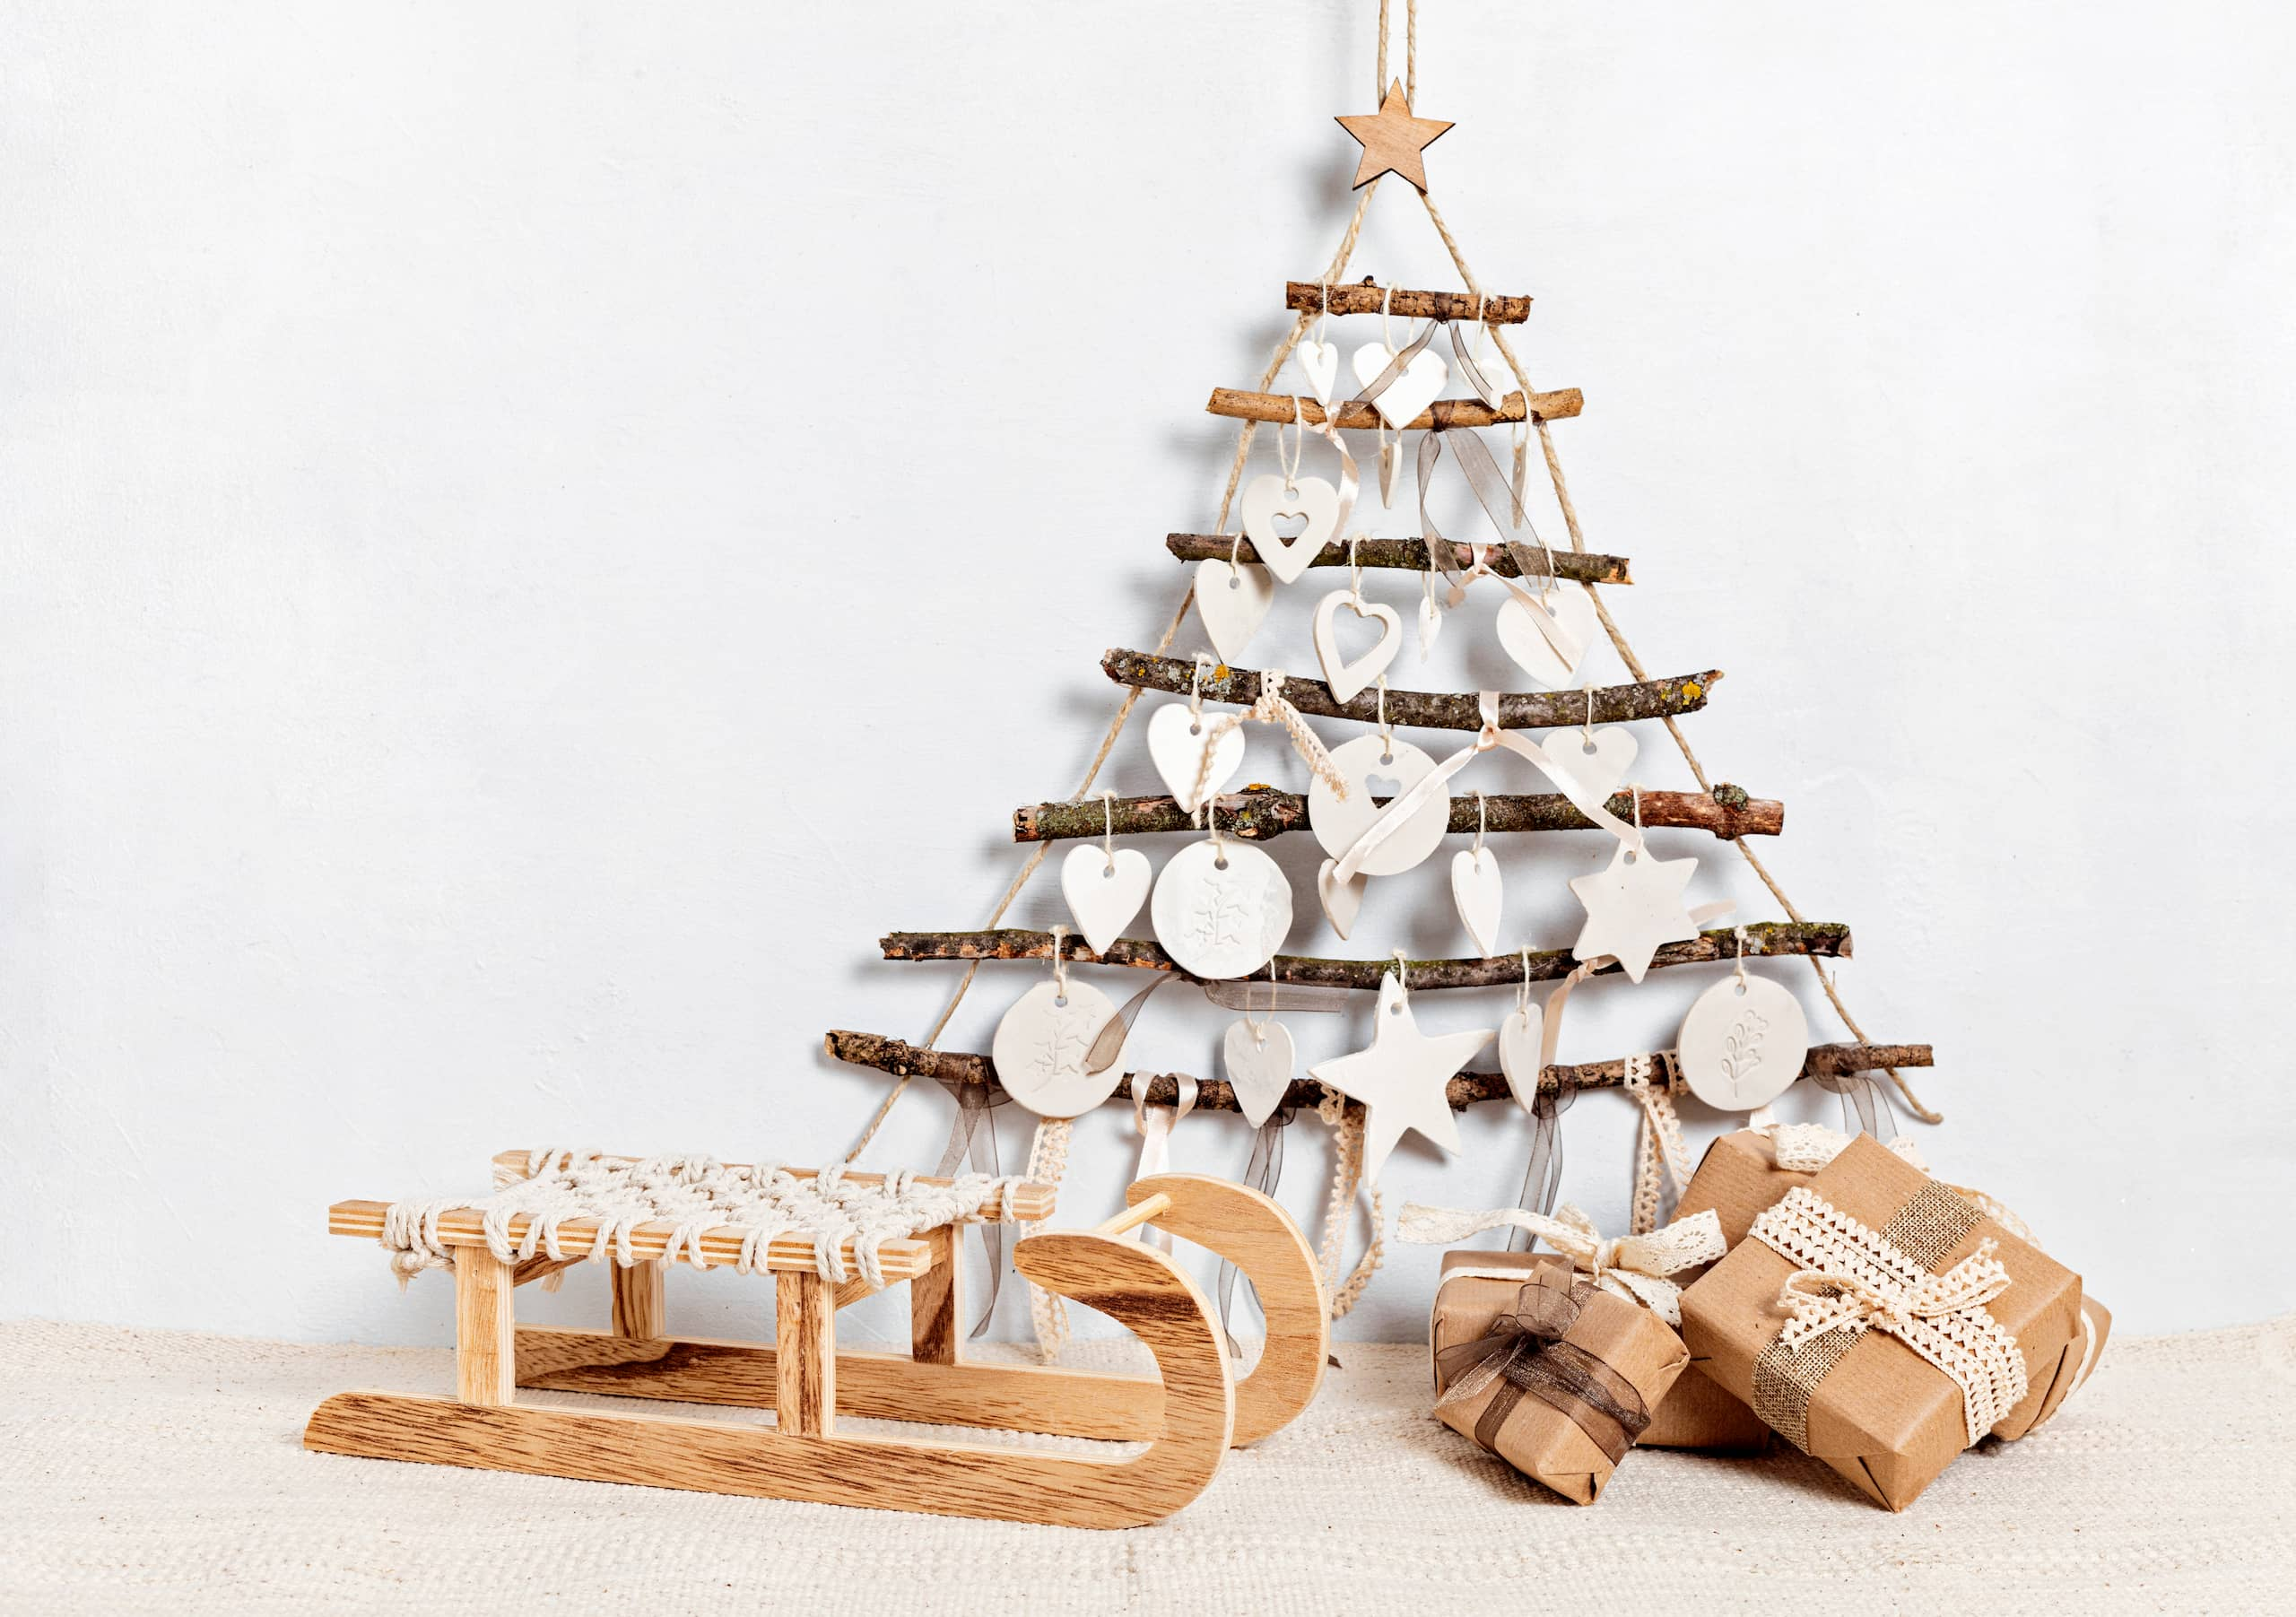 Sapin de Noël original en bois sur fond blanc